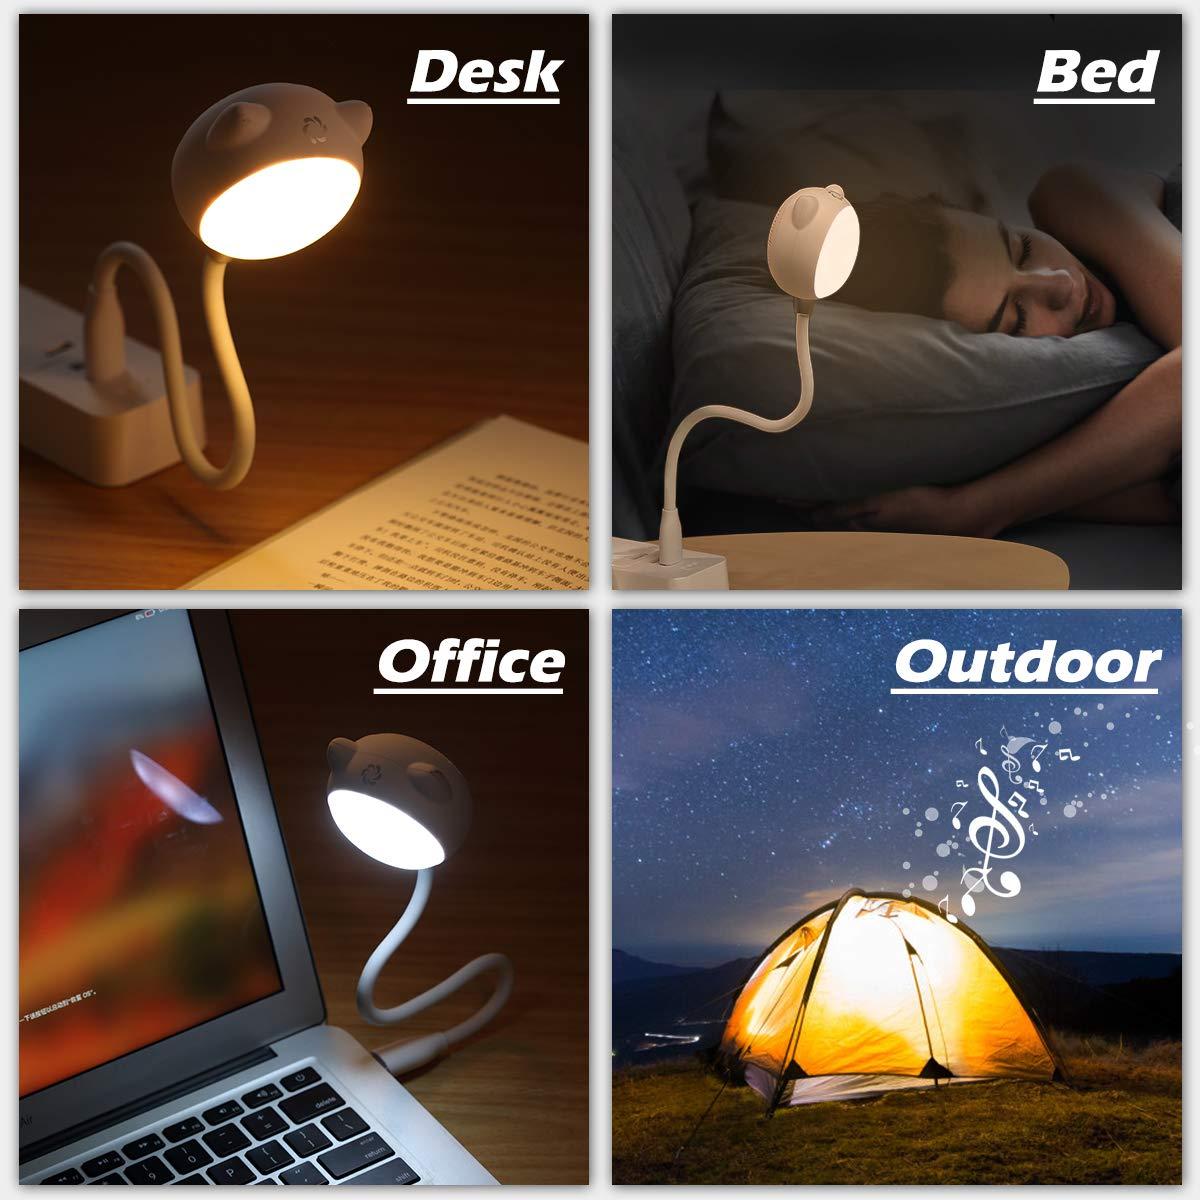 ELEGIANT USB LED Leselampe dimmbar warmwei/ß Touch-Control Leseleuchte Bettlampe Nachtlicht mit BT Lautsprecher,Flexibel Schwanenhals Nachttischlampe Schreibtischlampe f/ür Laptop PC Notebook Camping